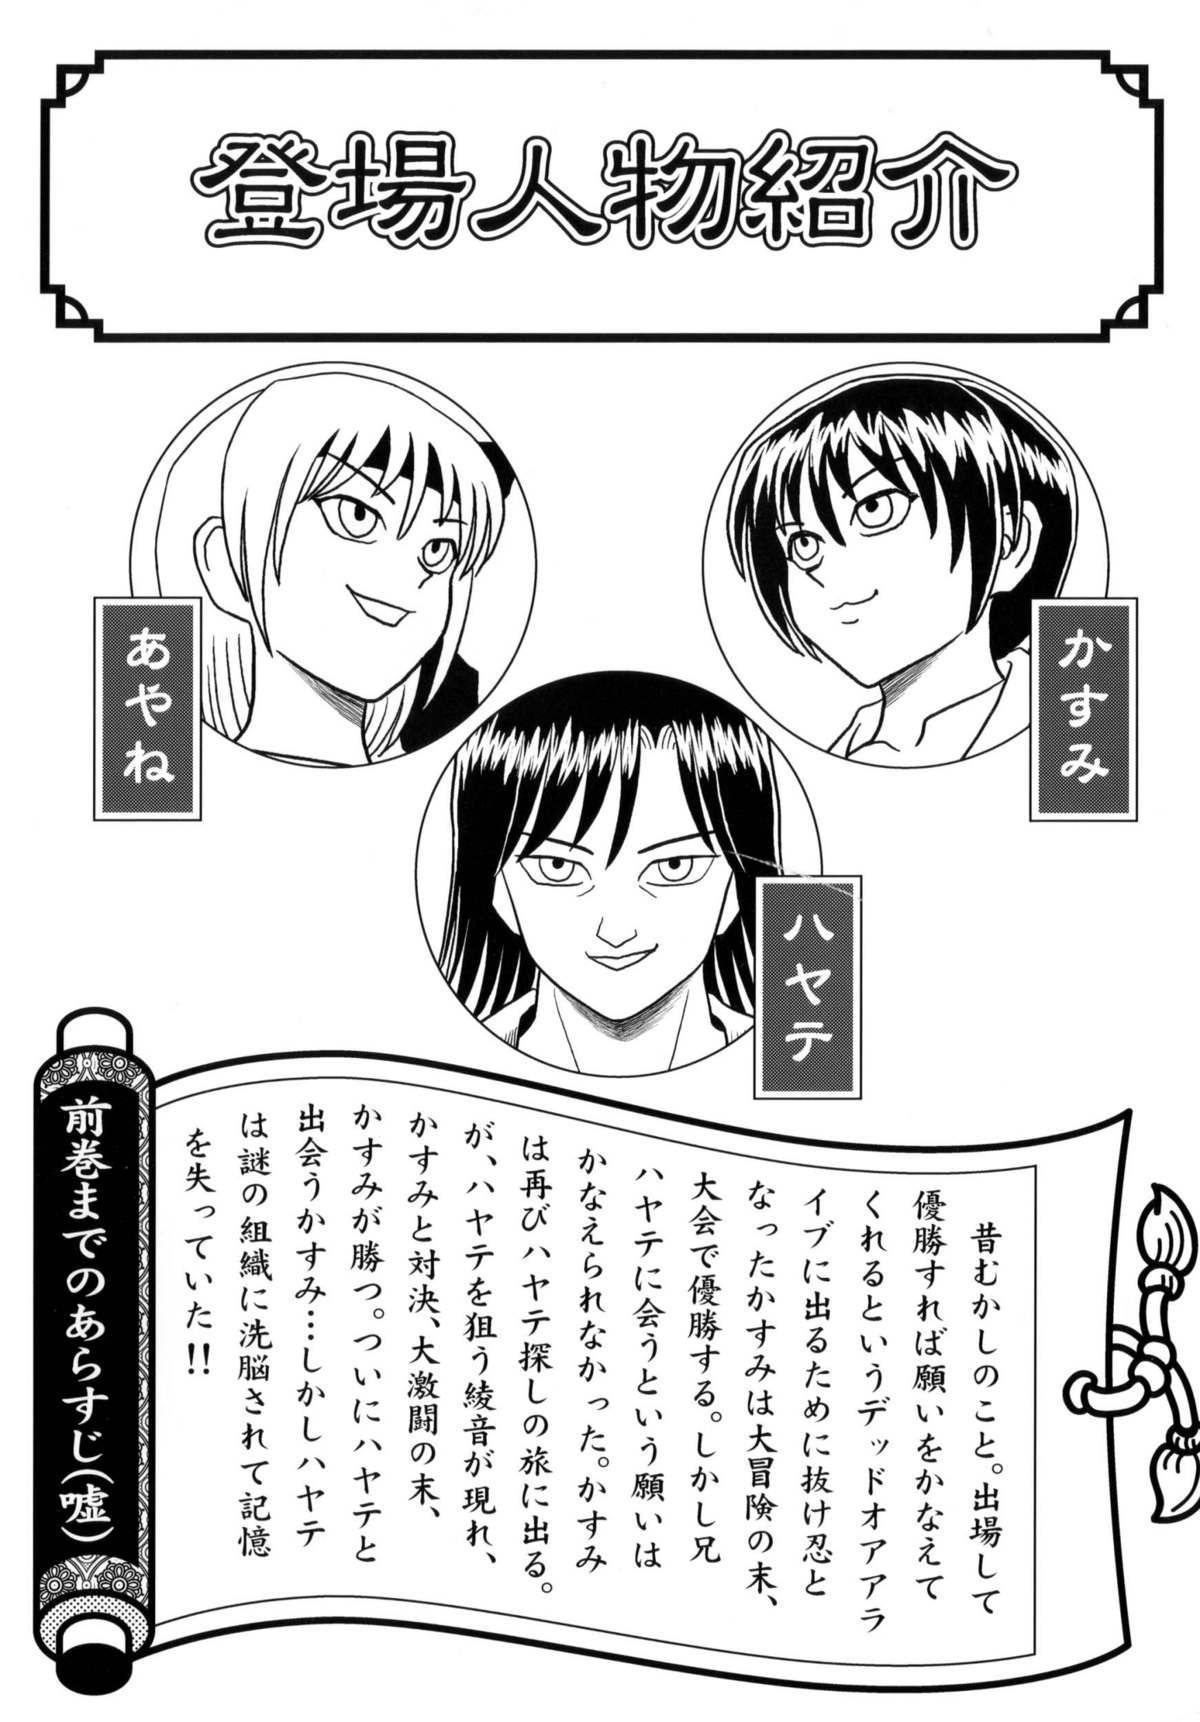 Kasumi or Ayane 1